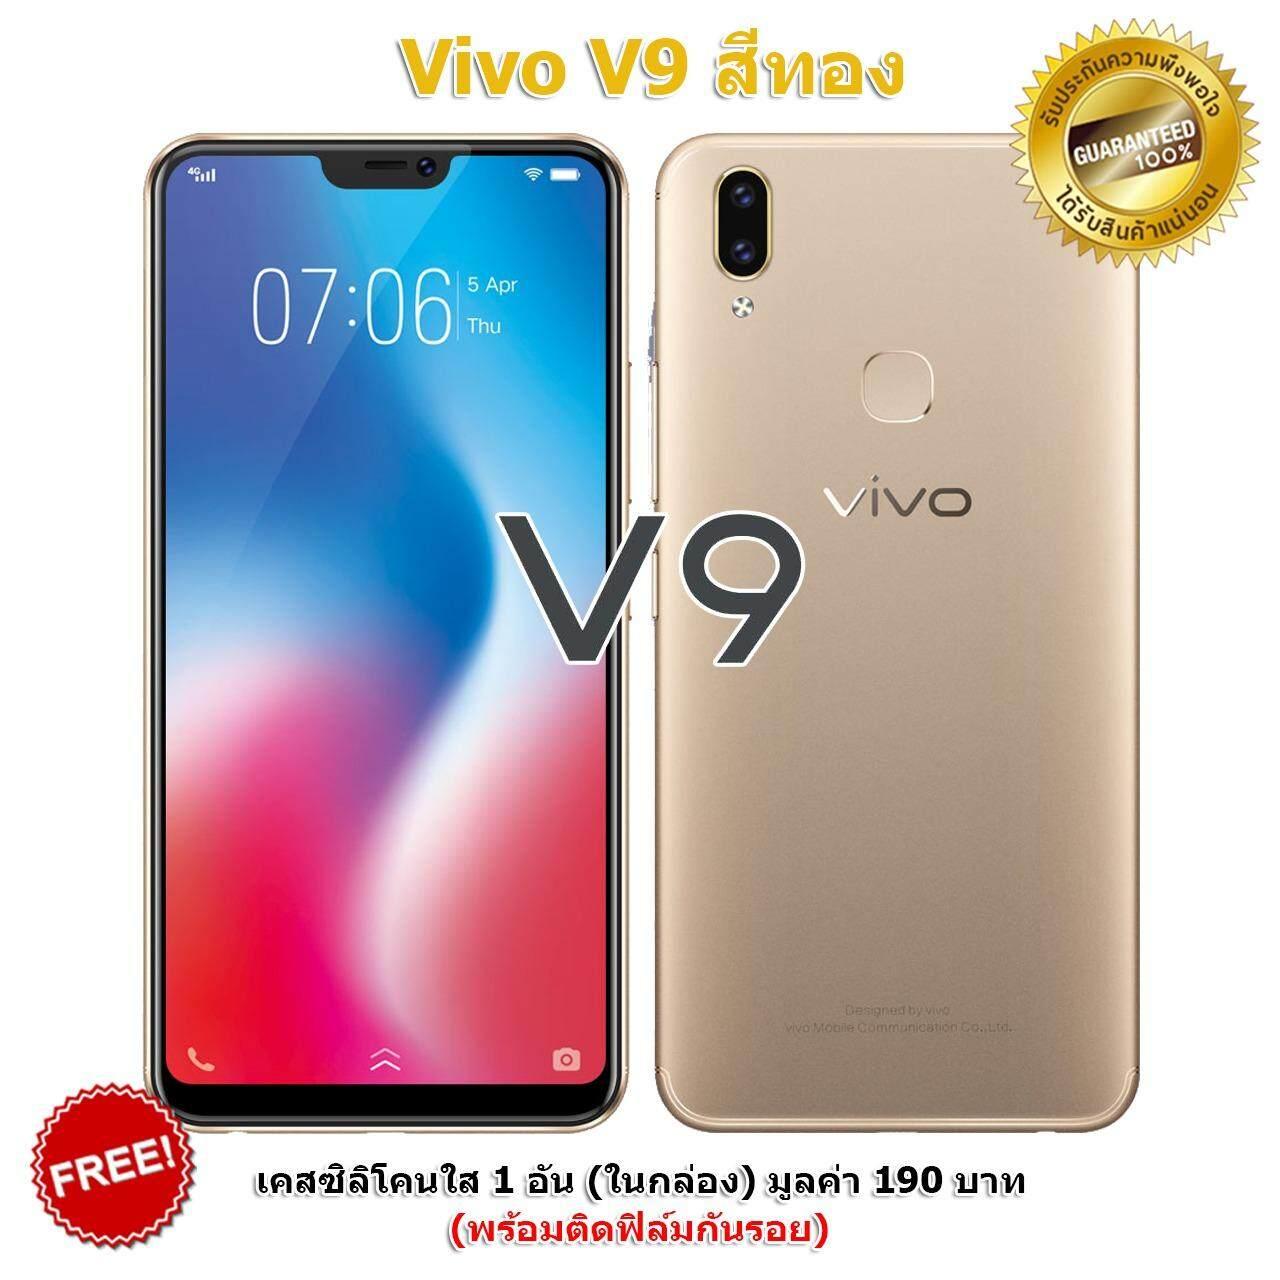 ขาย Vivo V9 Ram 4Gb เครื่องใหม่ เครื่องศูนย์ไทย พร้อมติดฟิล์มใส ออนไลน์ ไทย